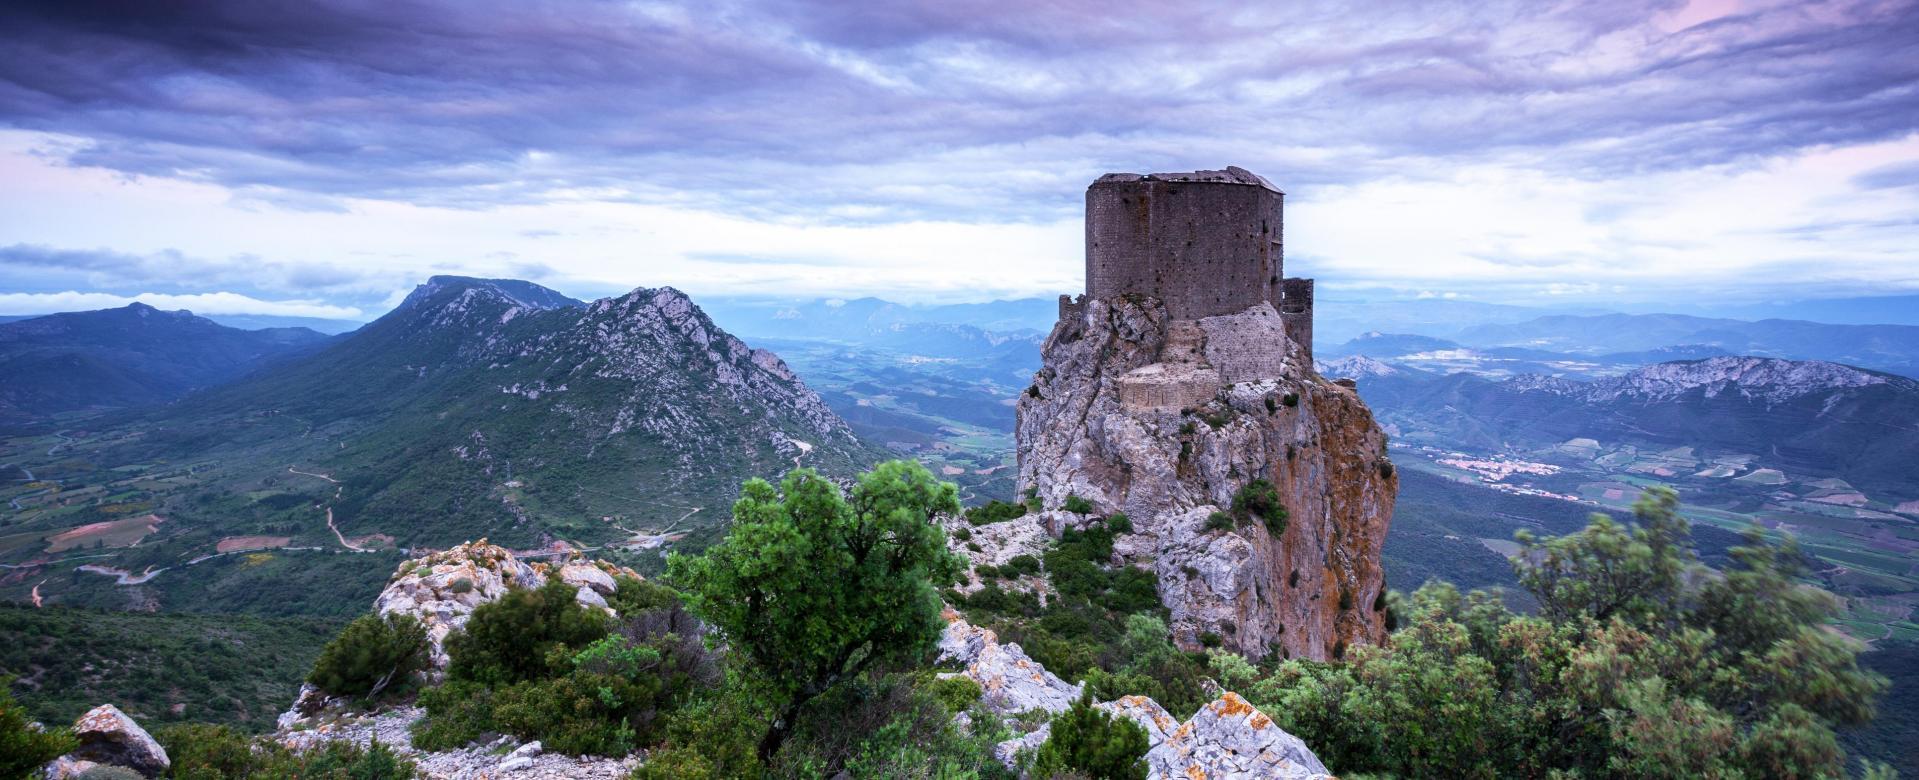 Voyage à pied : Secrets des châteaux cathares